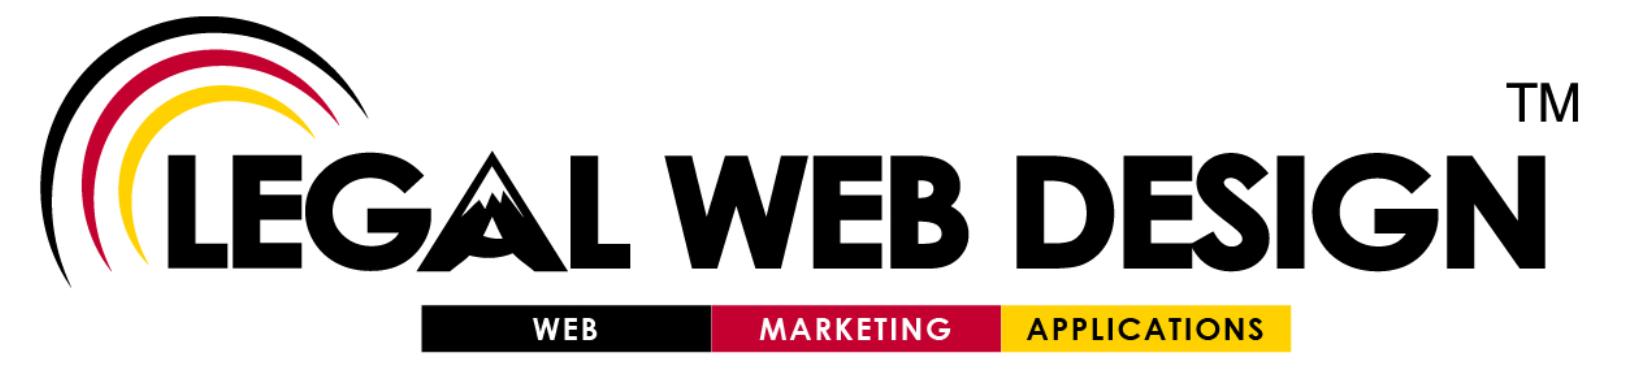 Legal Web Design review